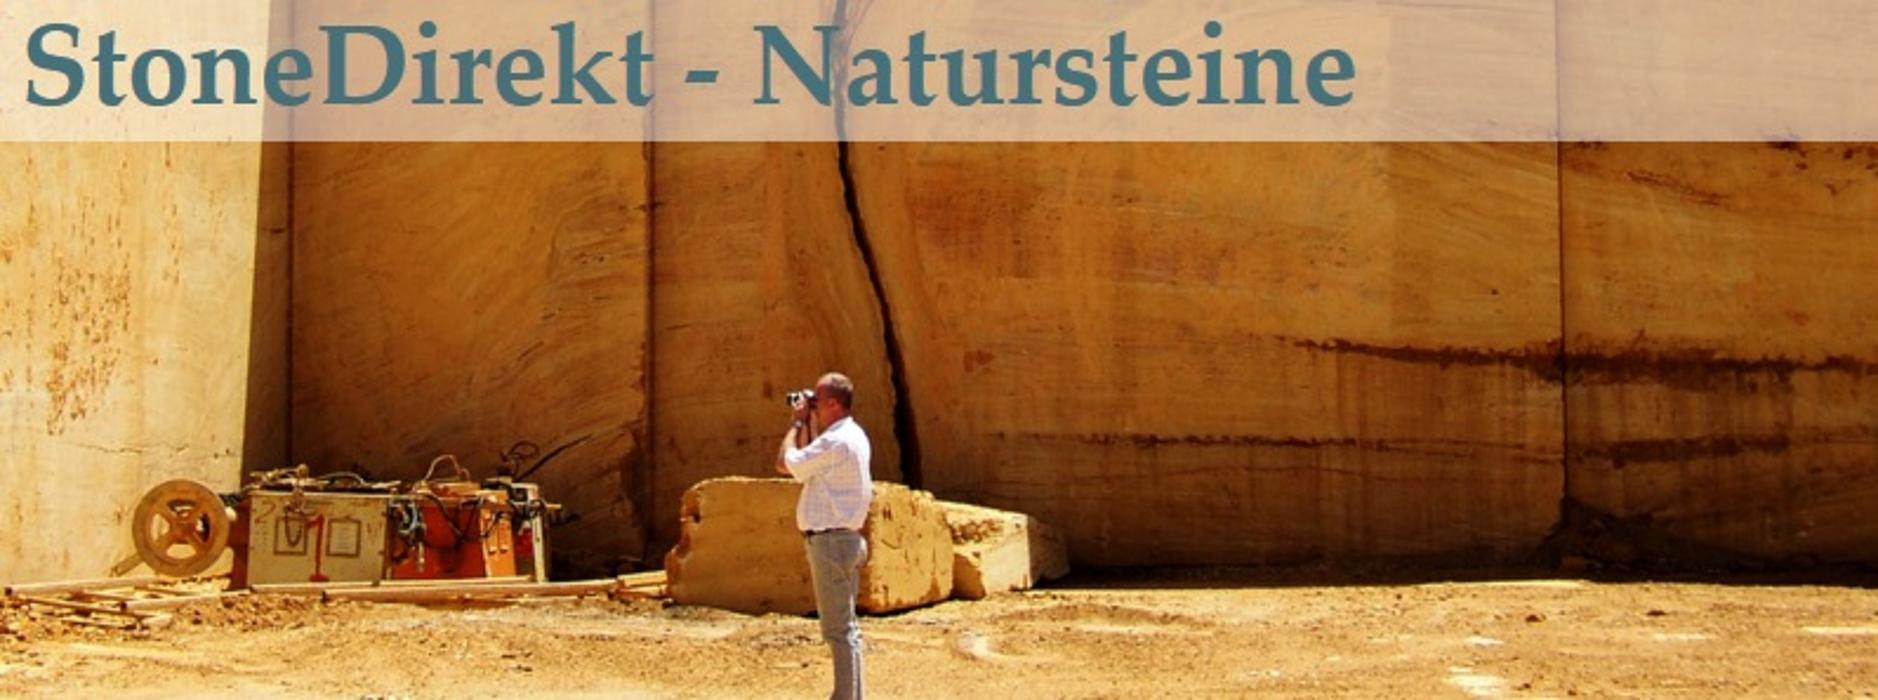 Bild zu StoneDirekt - Natursteine in Leutenbach in Württemberg